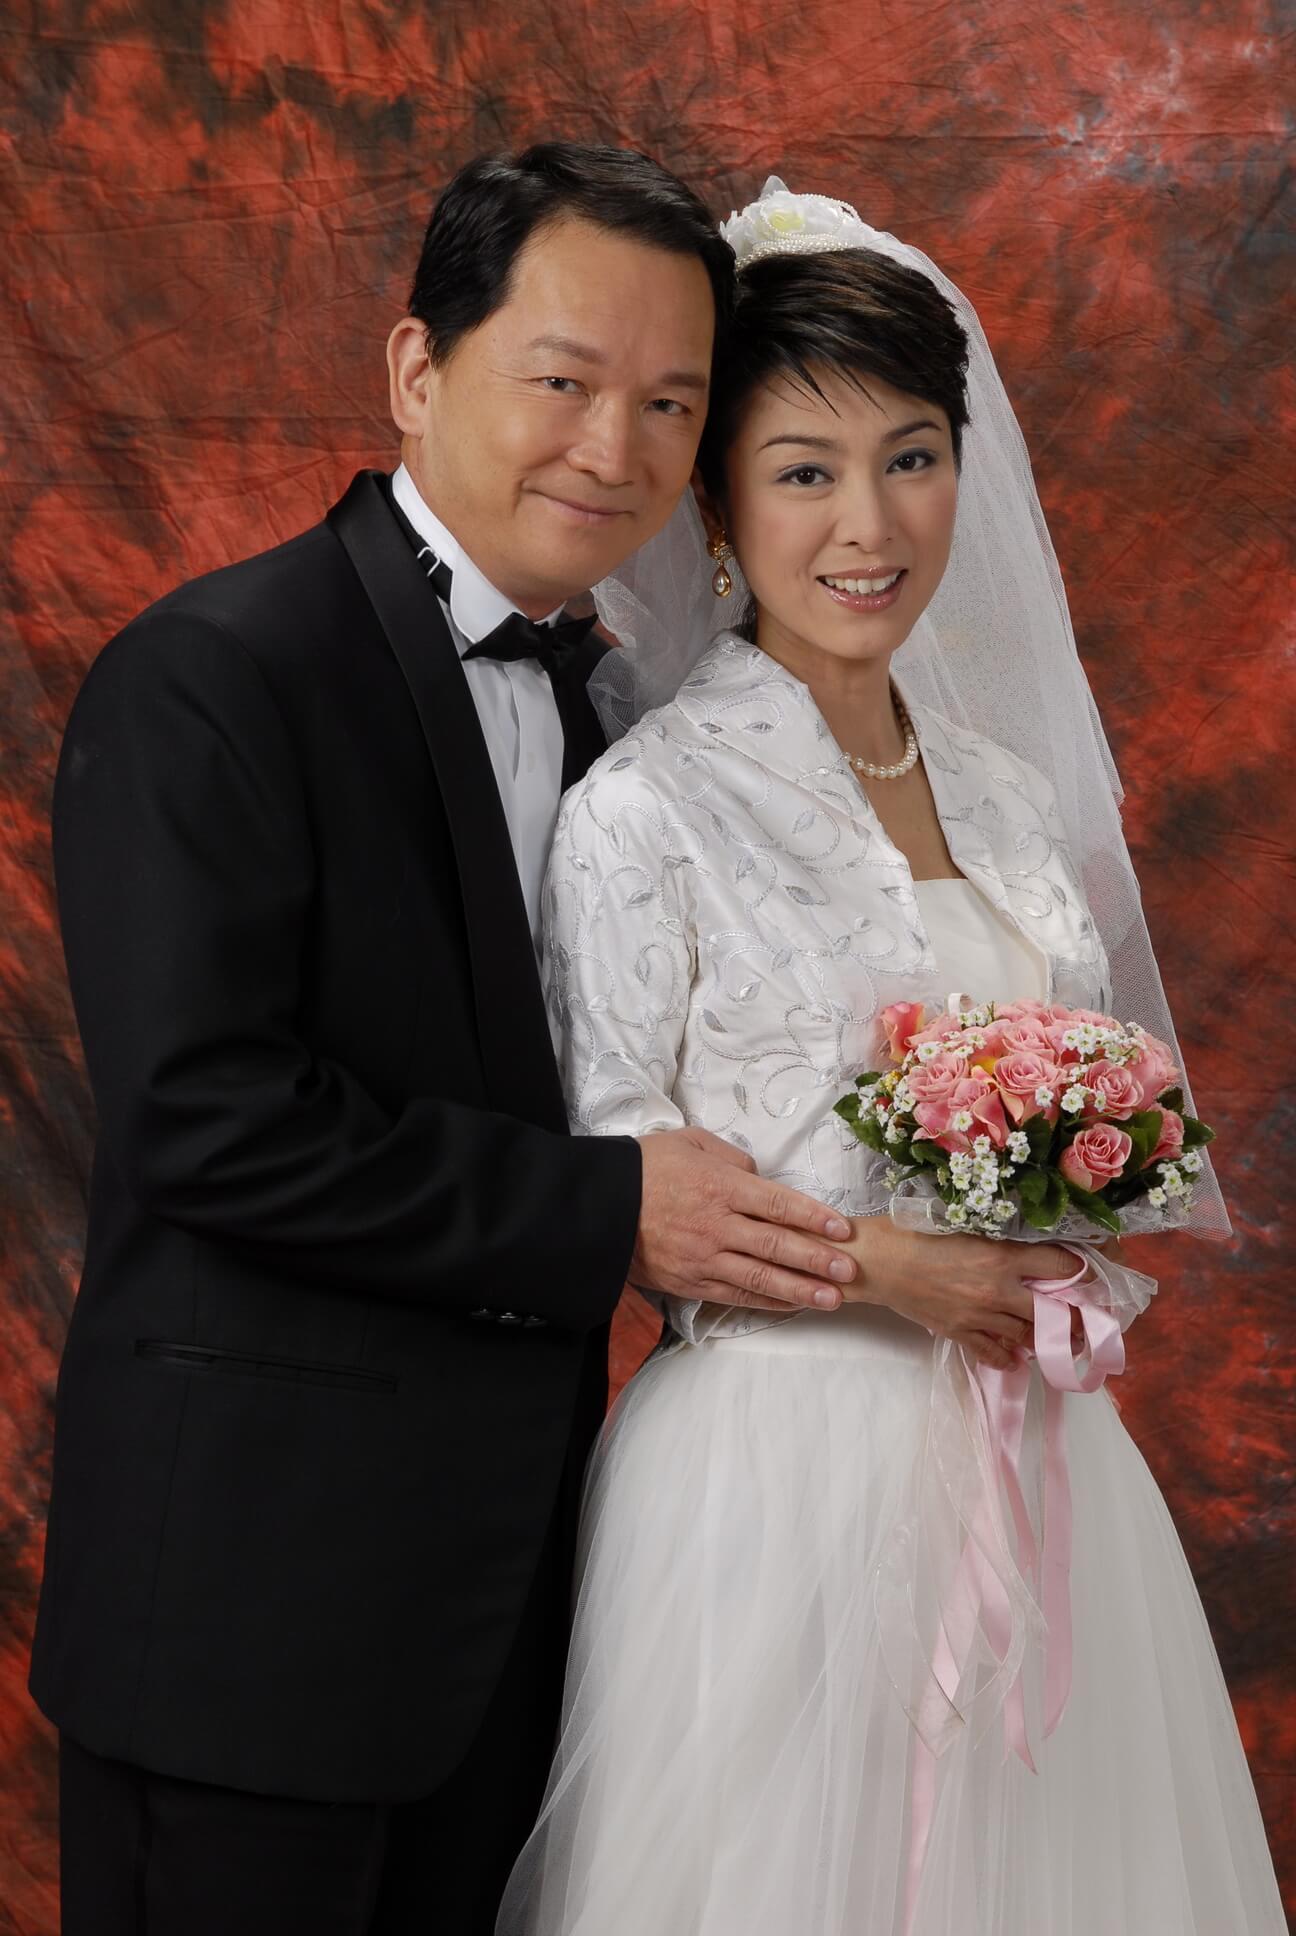 米雪與智叔於《廉政行動2007》合演夫婦